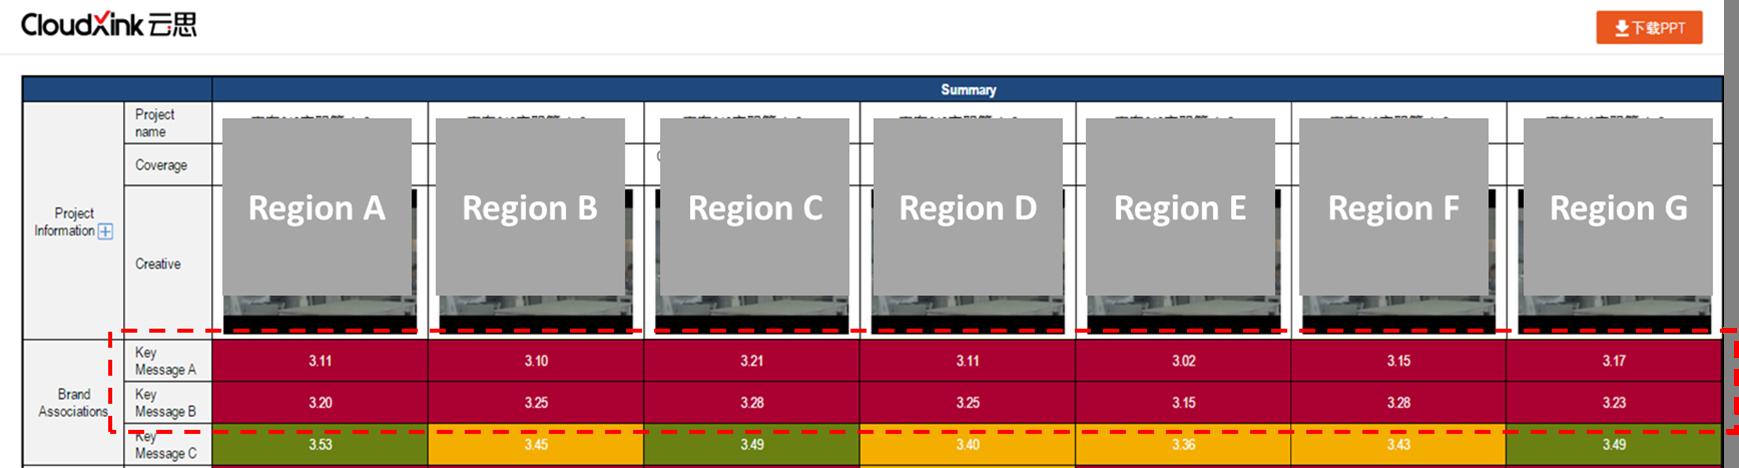 图7 Dashboard数据呈现